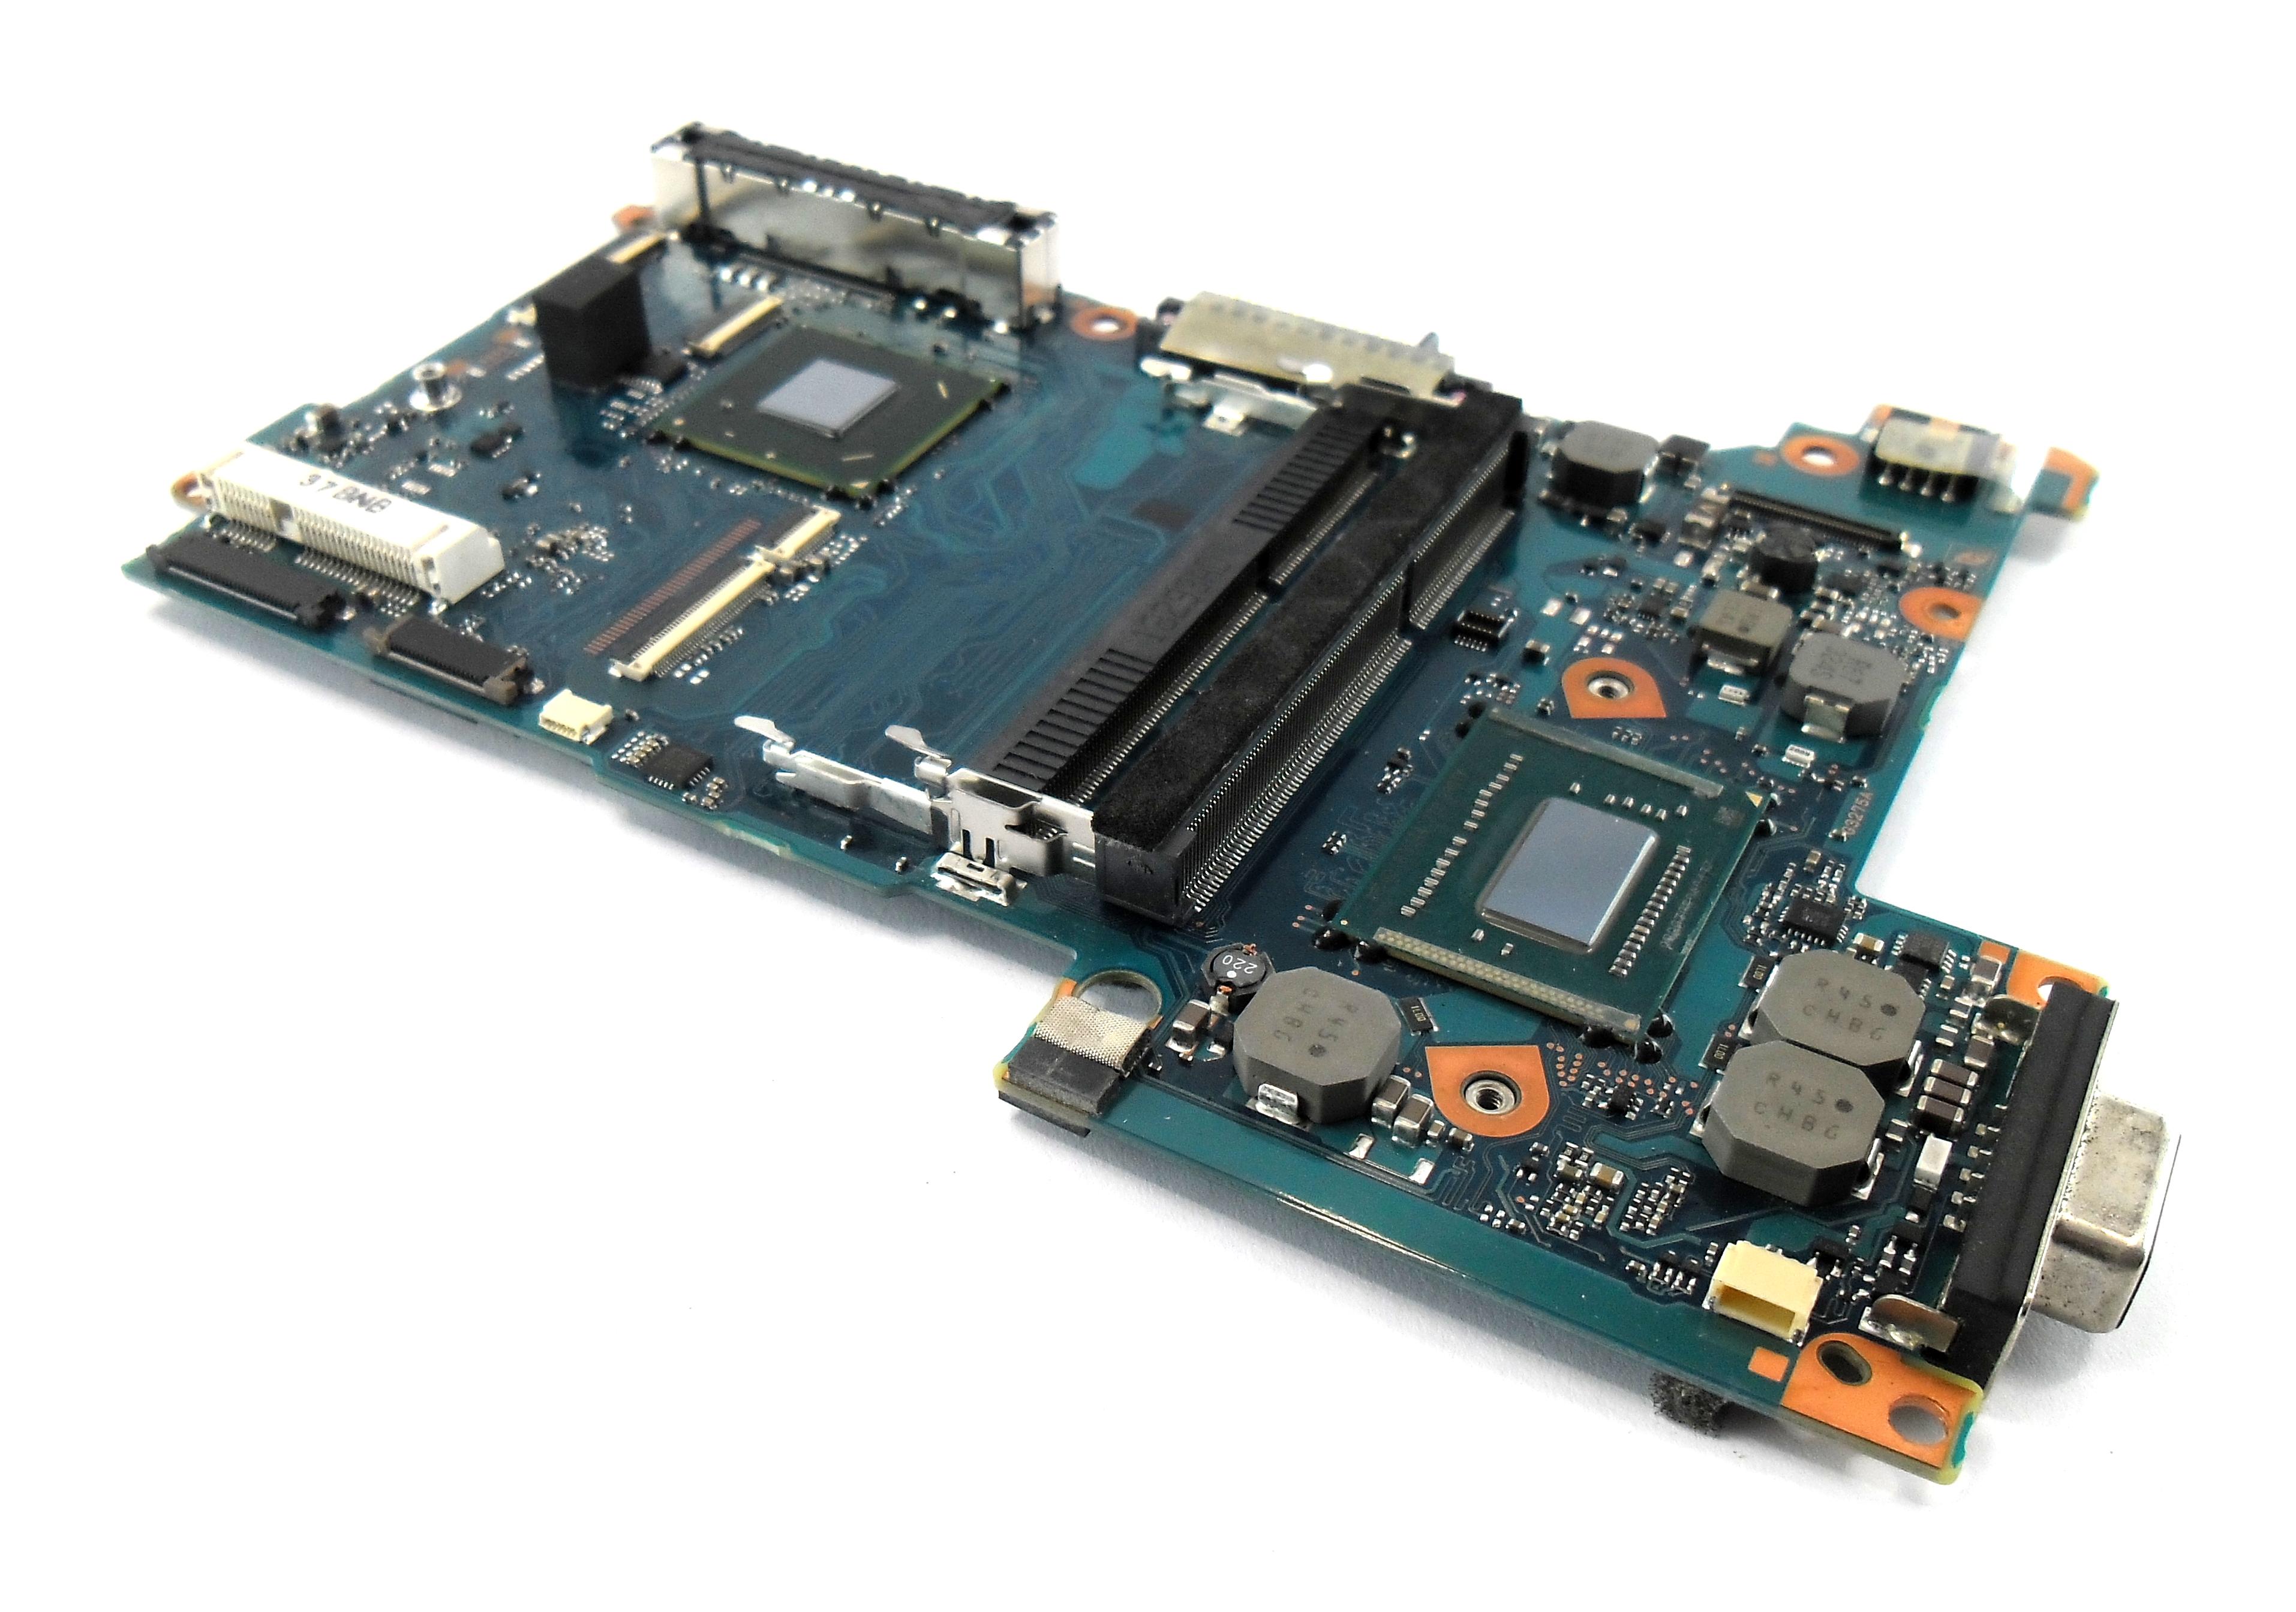 Toshiba G3275A Portege R930-1CW Motherboard with BGA Intel i3-3120M